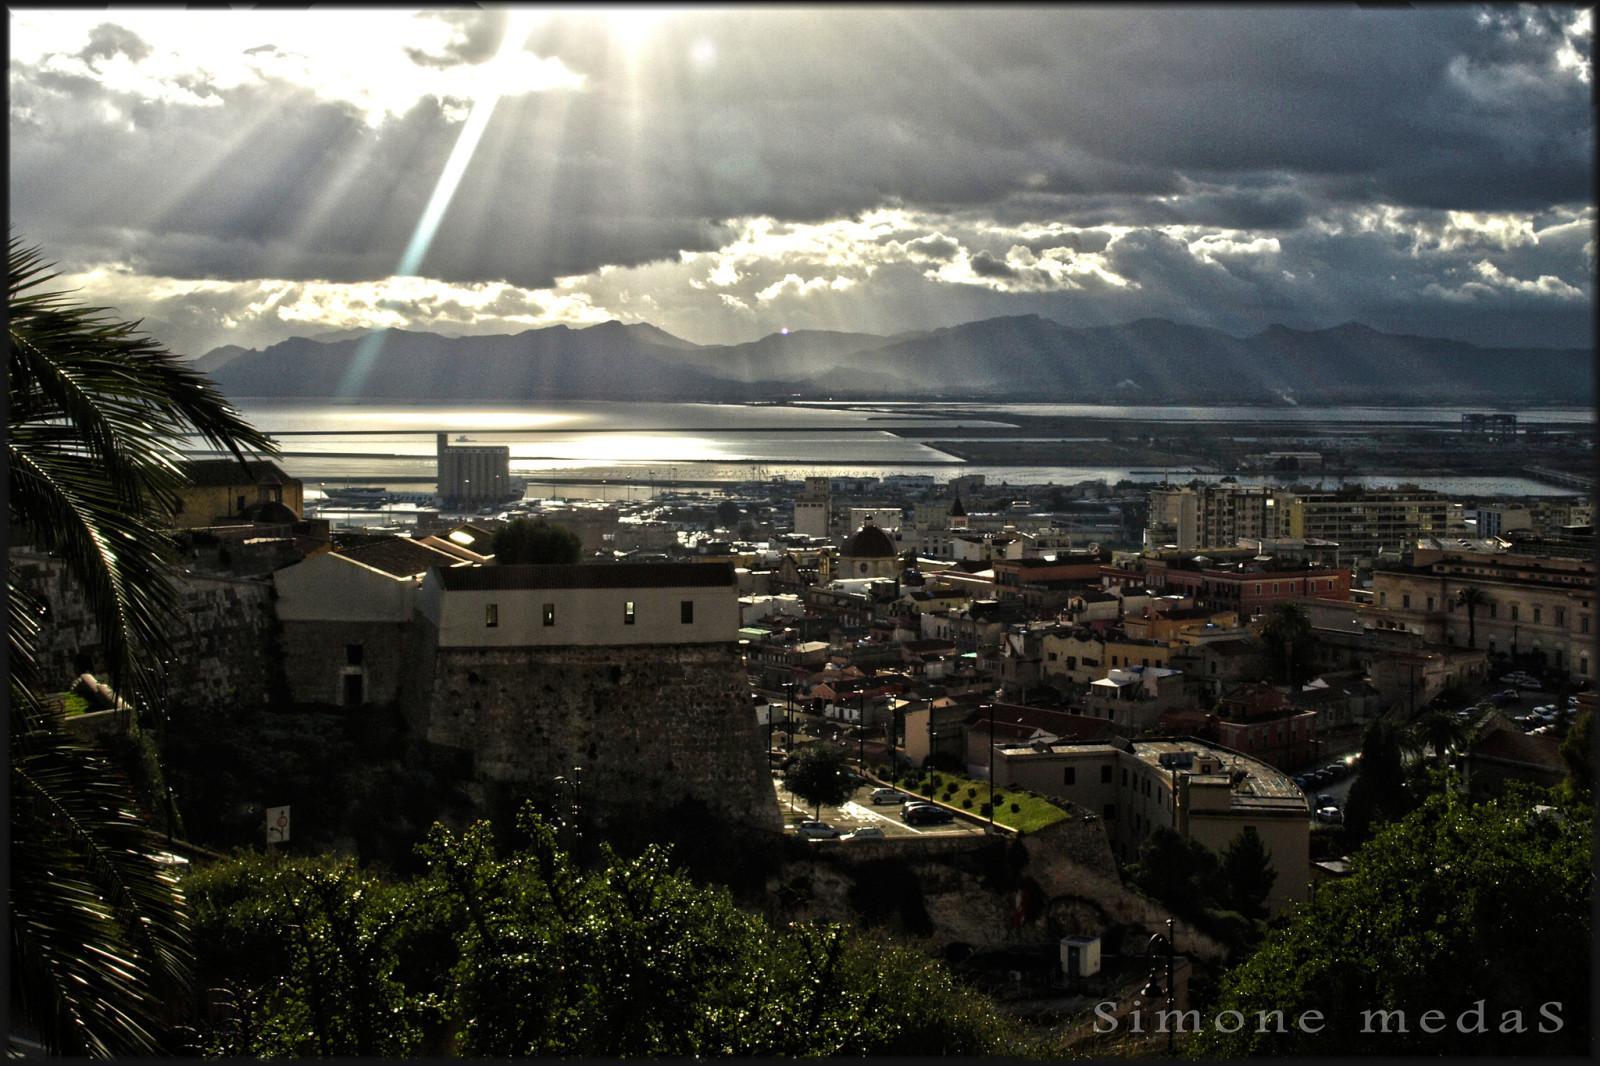 Cagliari (Italy)